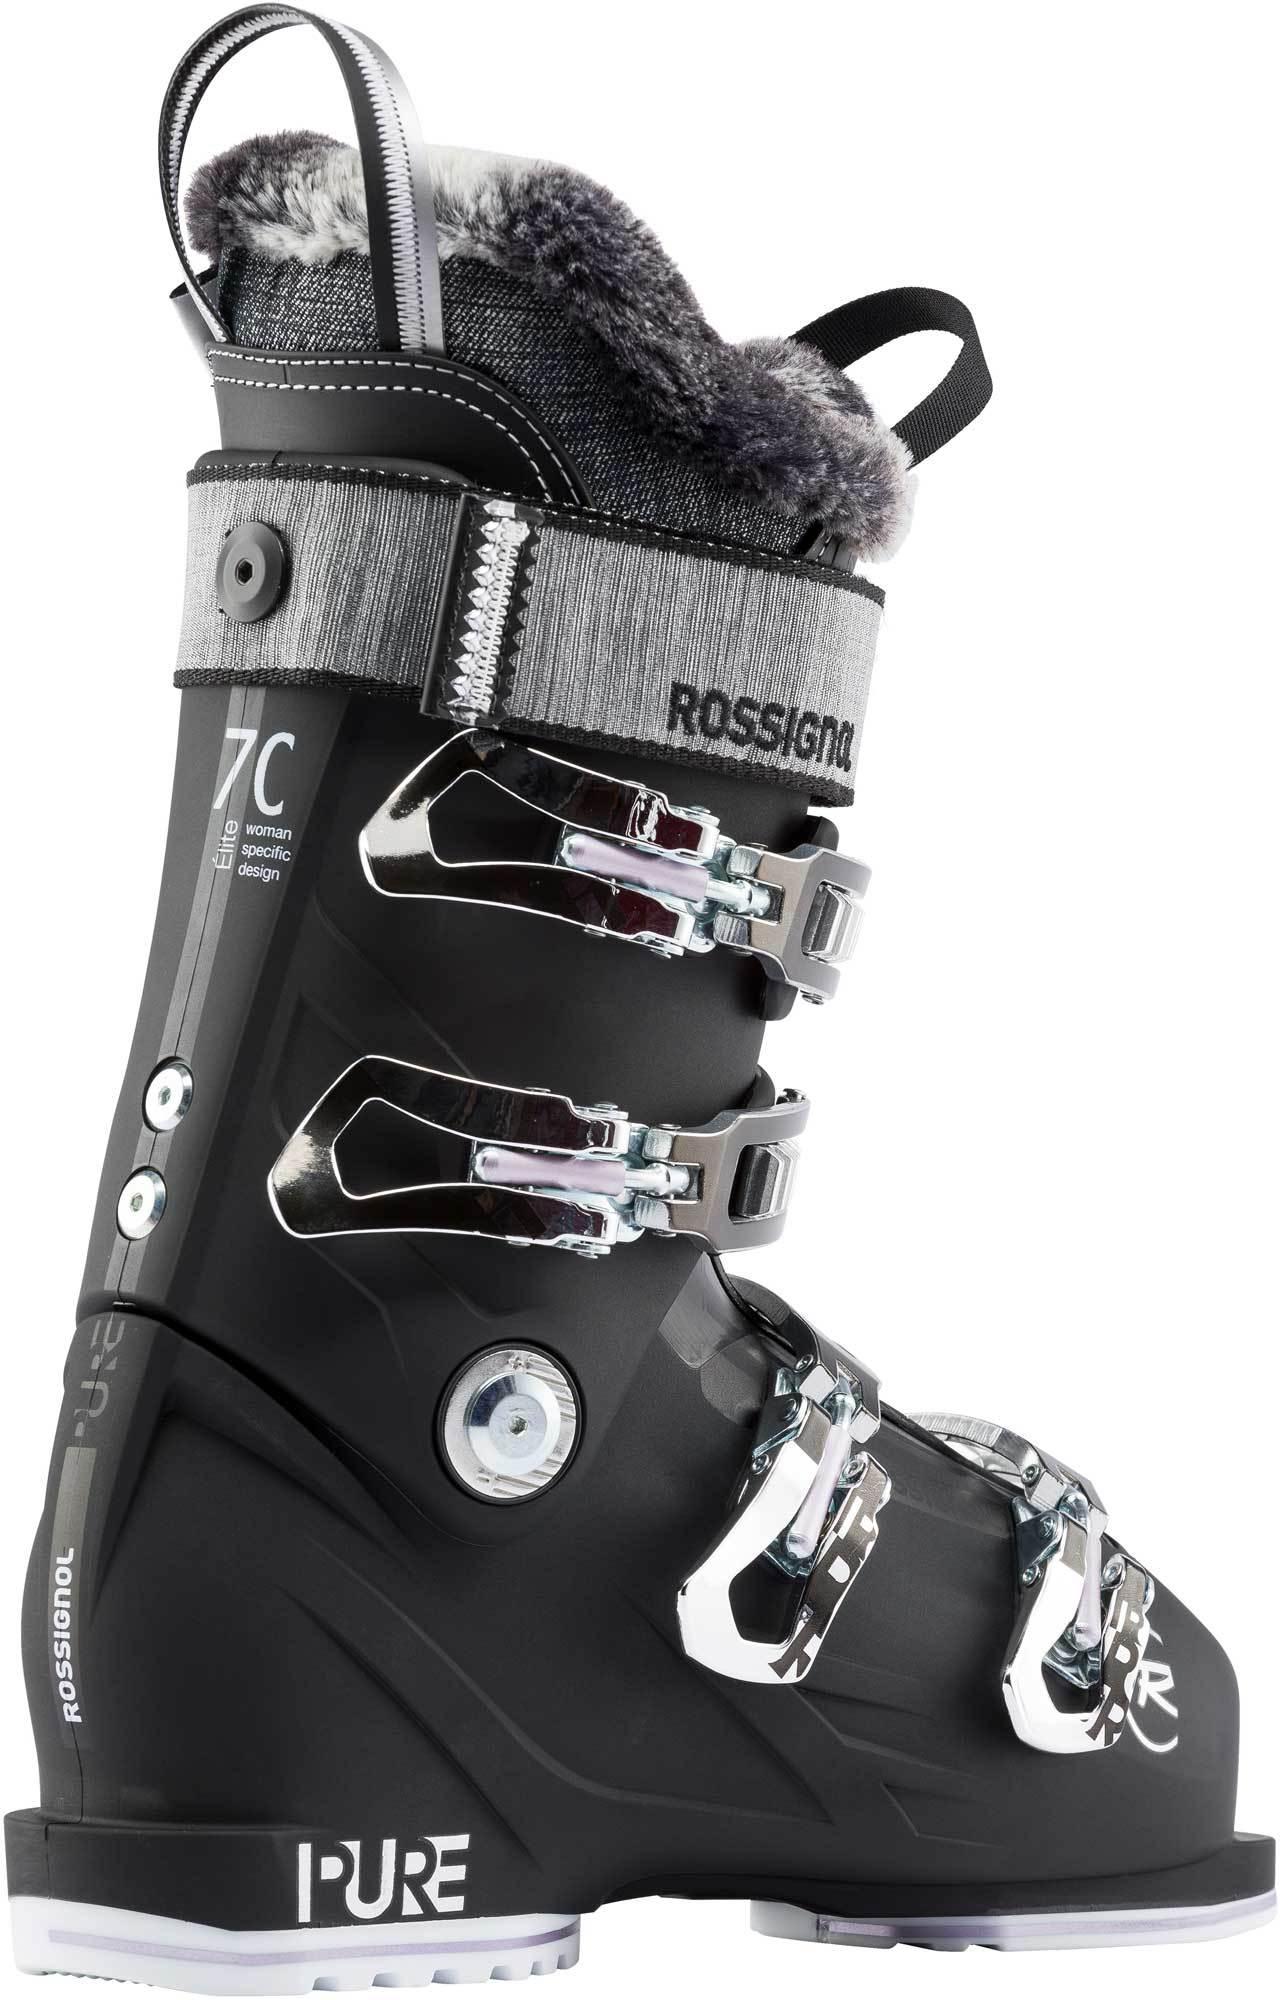 559f2c80a54 Dámské sjezdové boty Rossignol Pure Elite 70 black - Ski a Bike ...